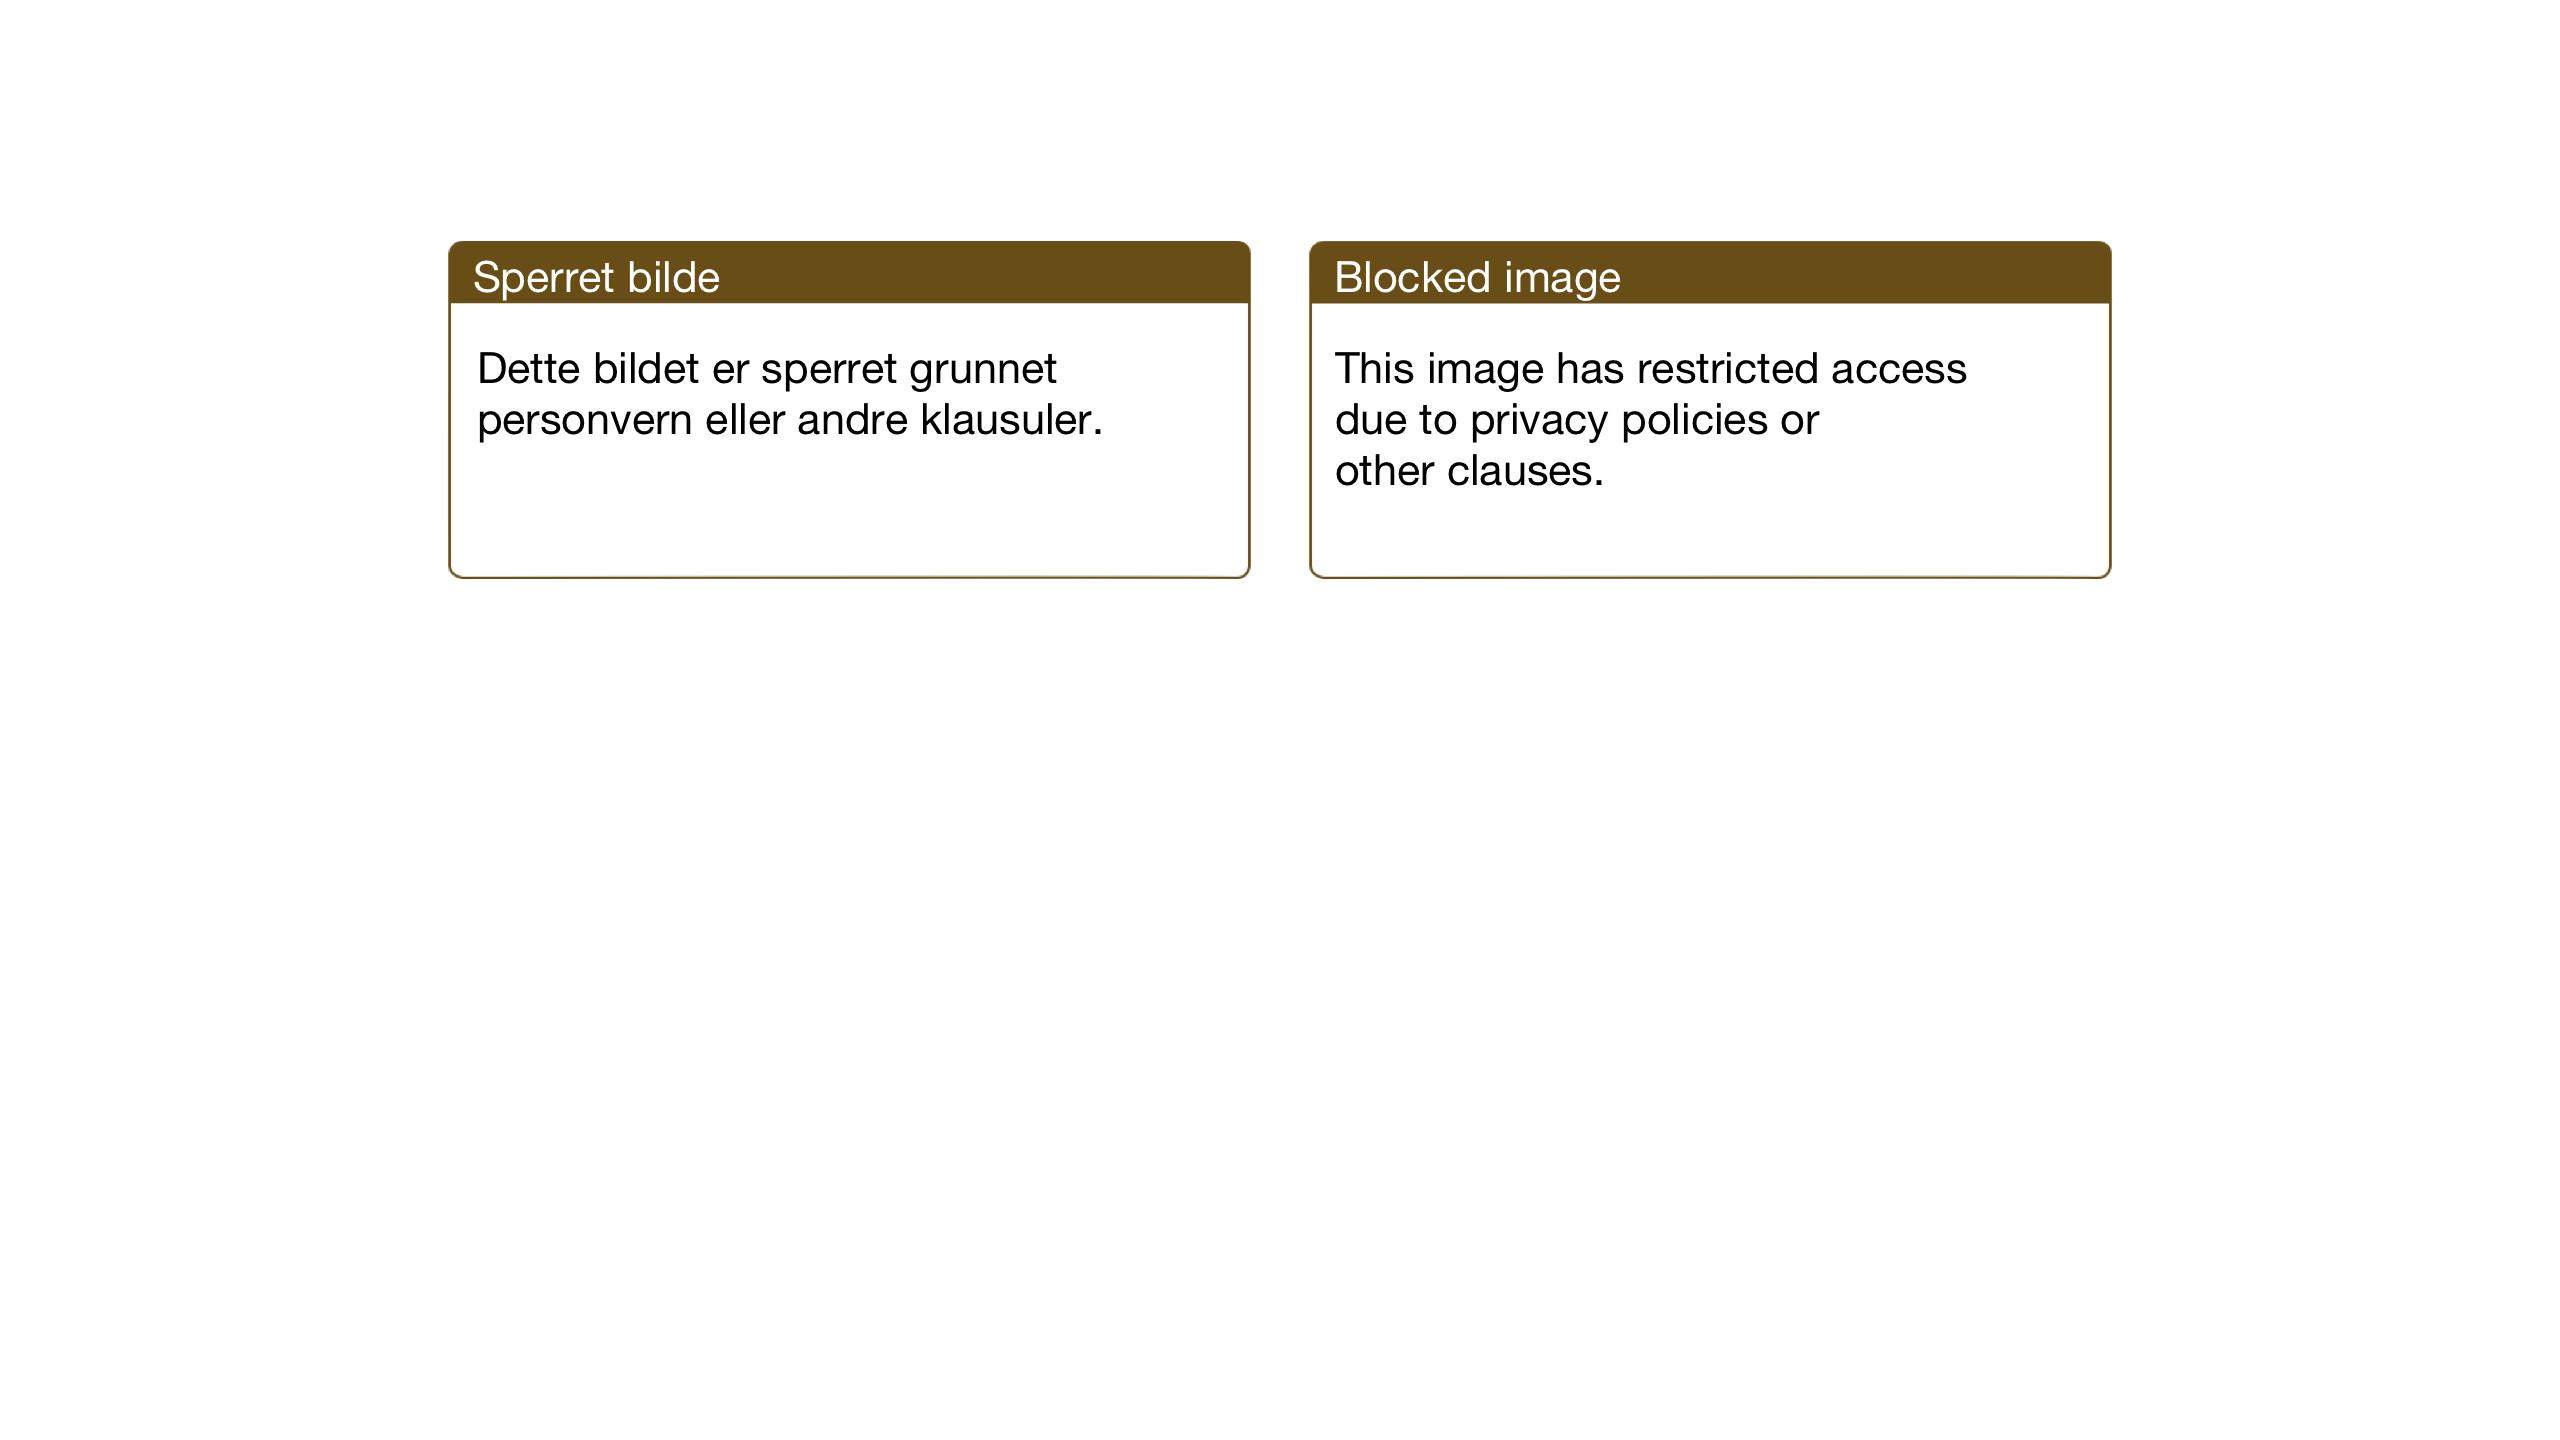 SAT, Ministerialprotokoller, klokkerbøker og fødselsregistre - Nord-Trøndelag, 768/L0583: Klokkerbok nr. 768C01, 1928-1953, s. 122